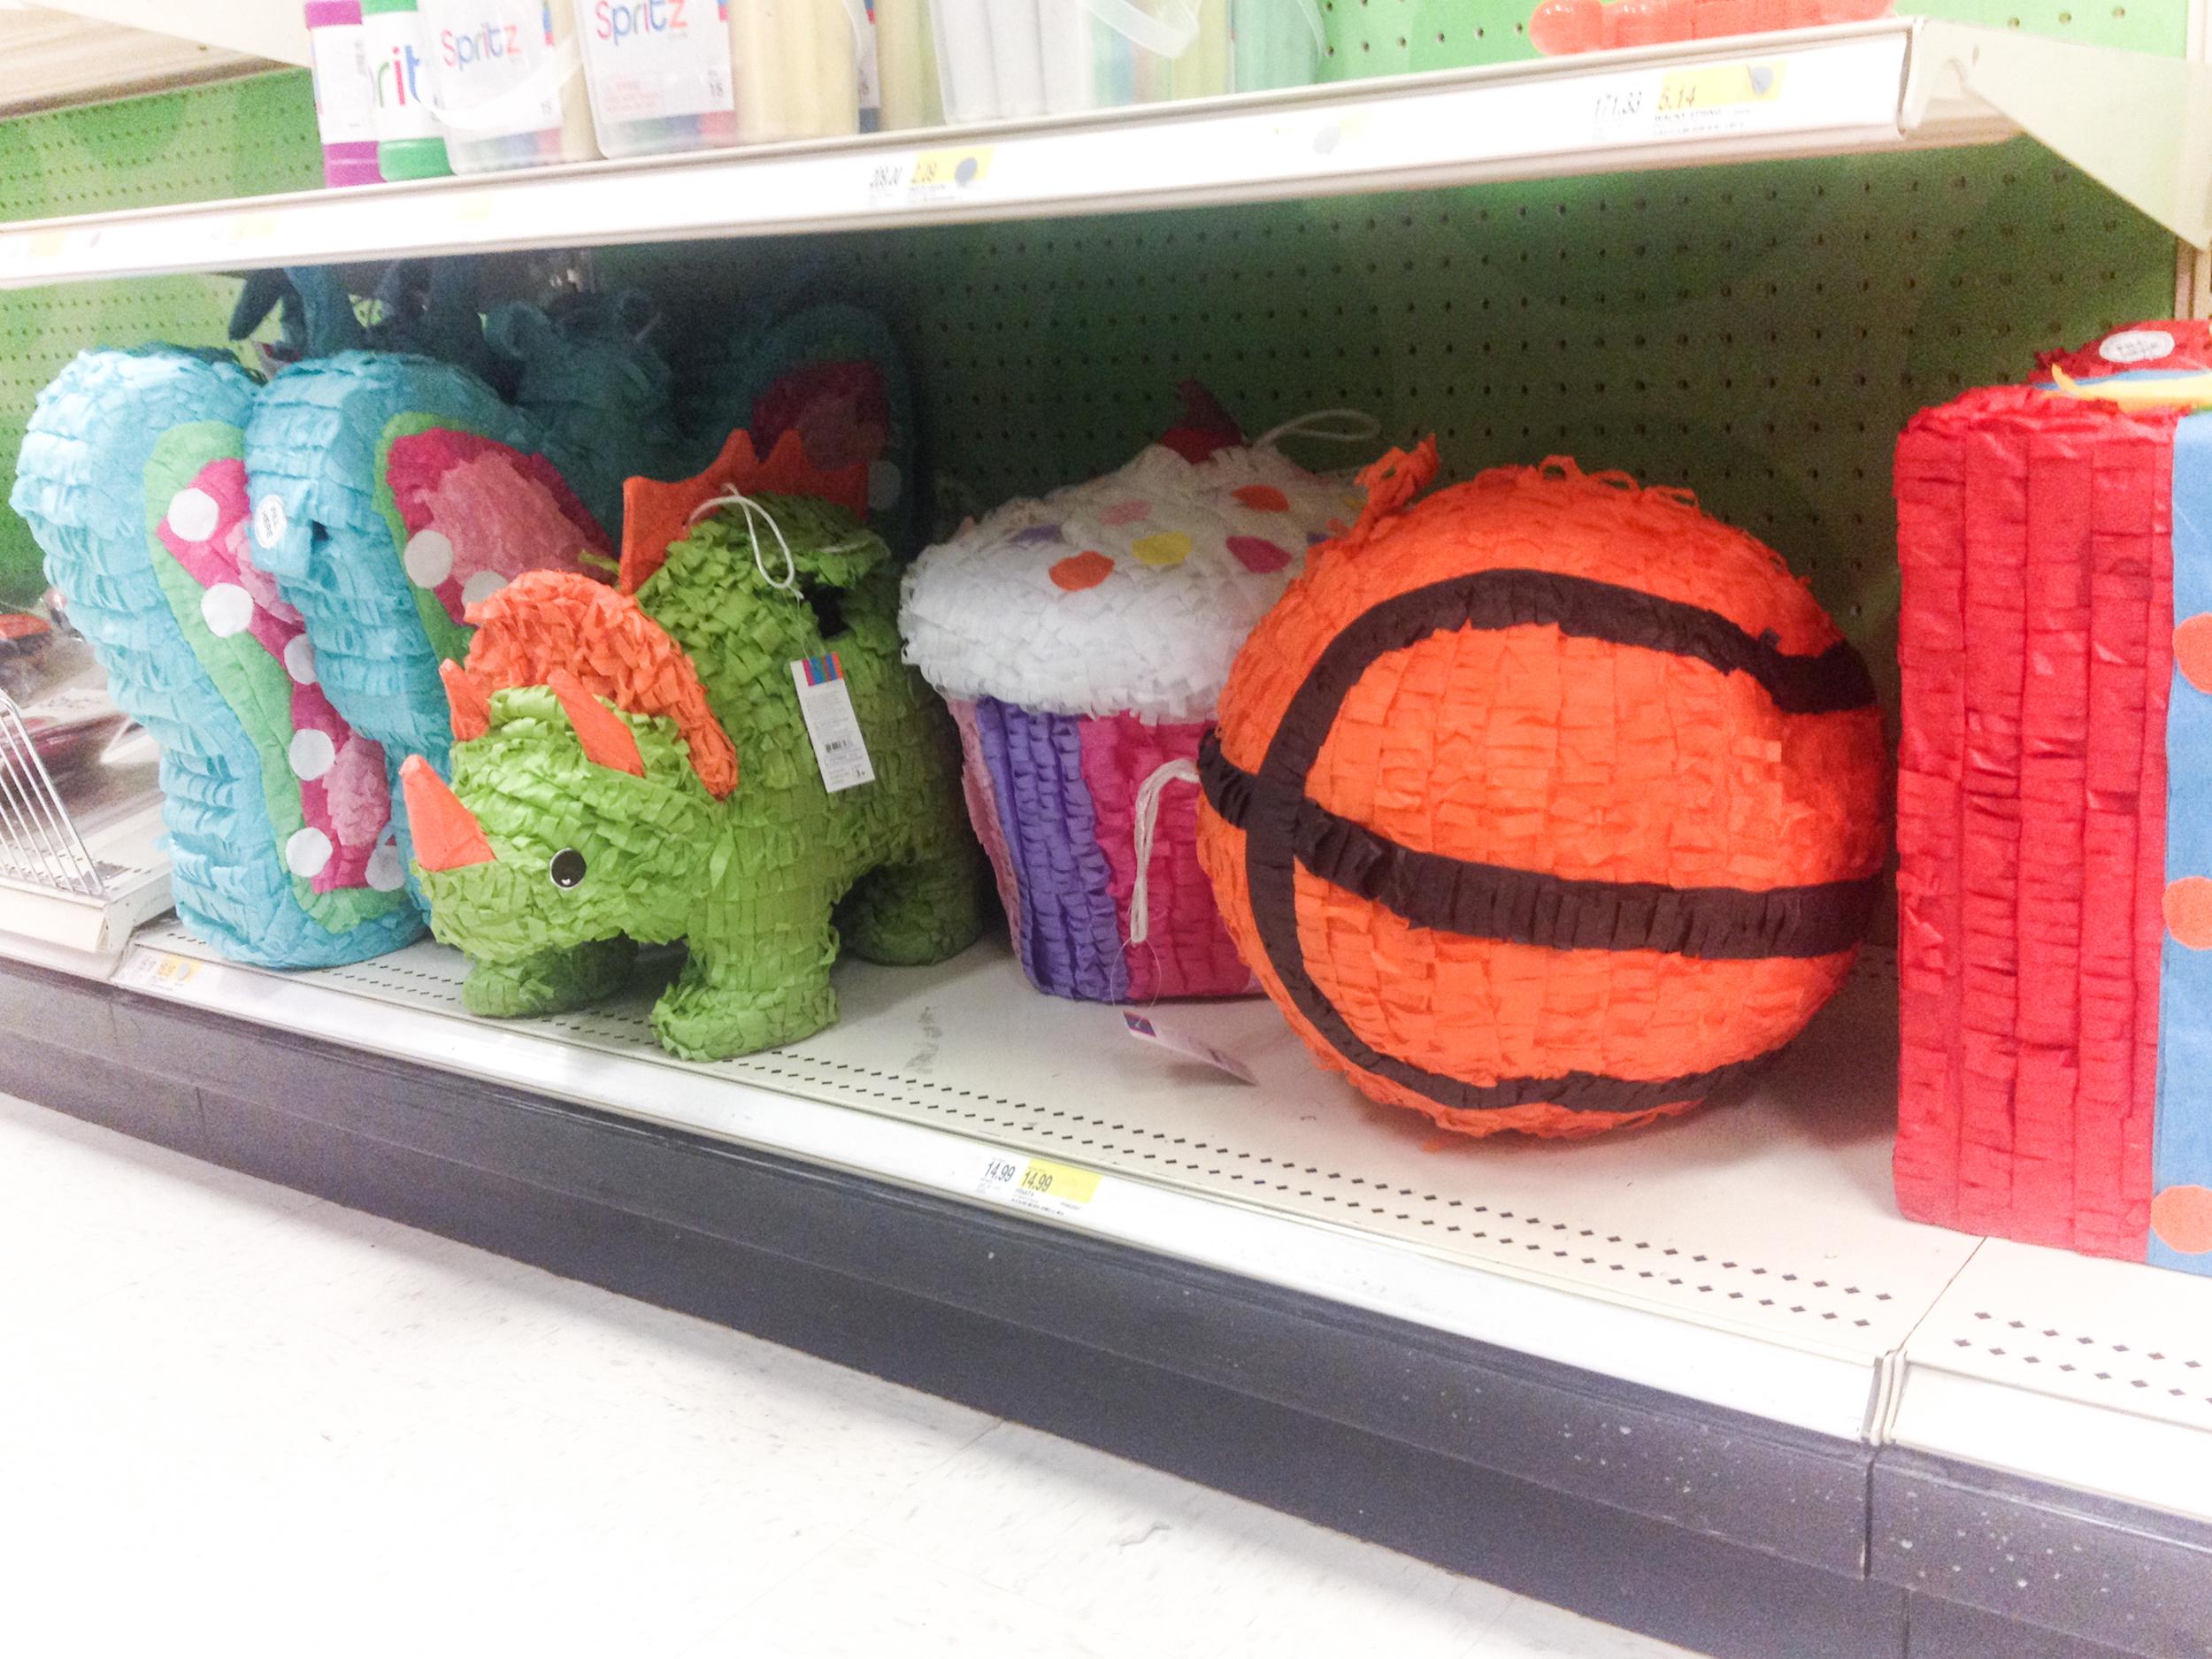 piñatas!